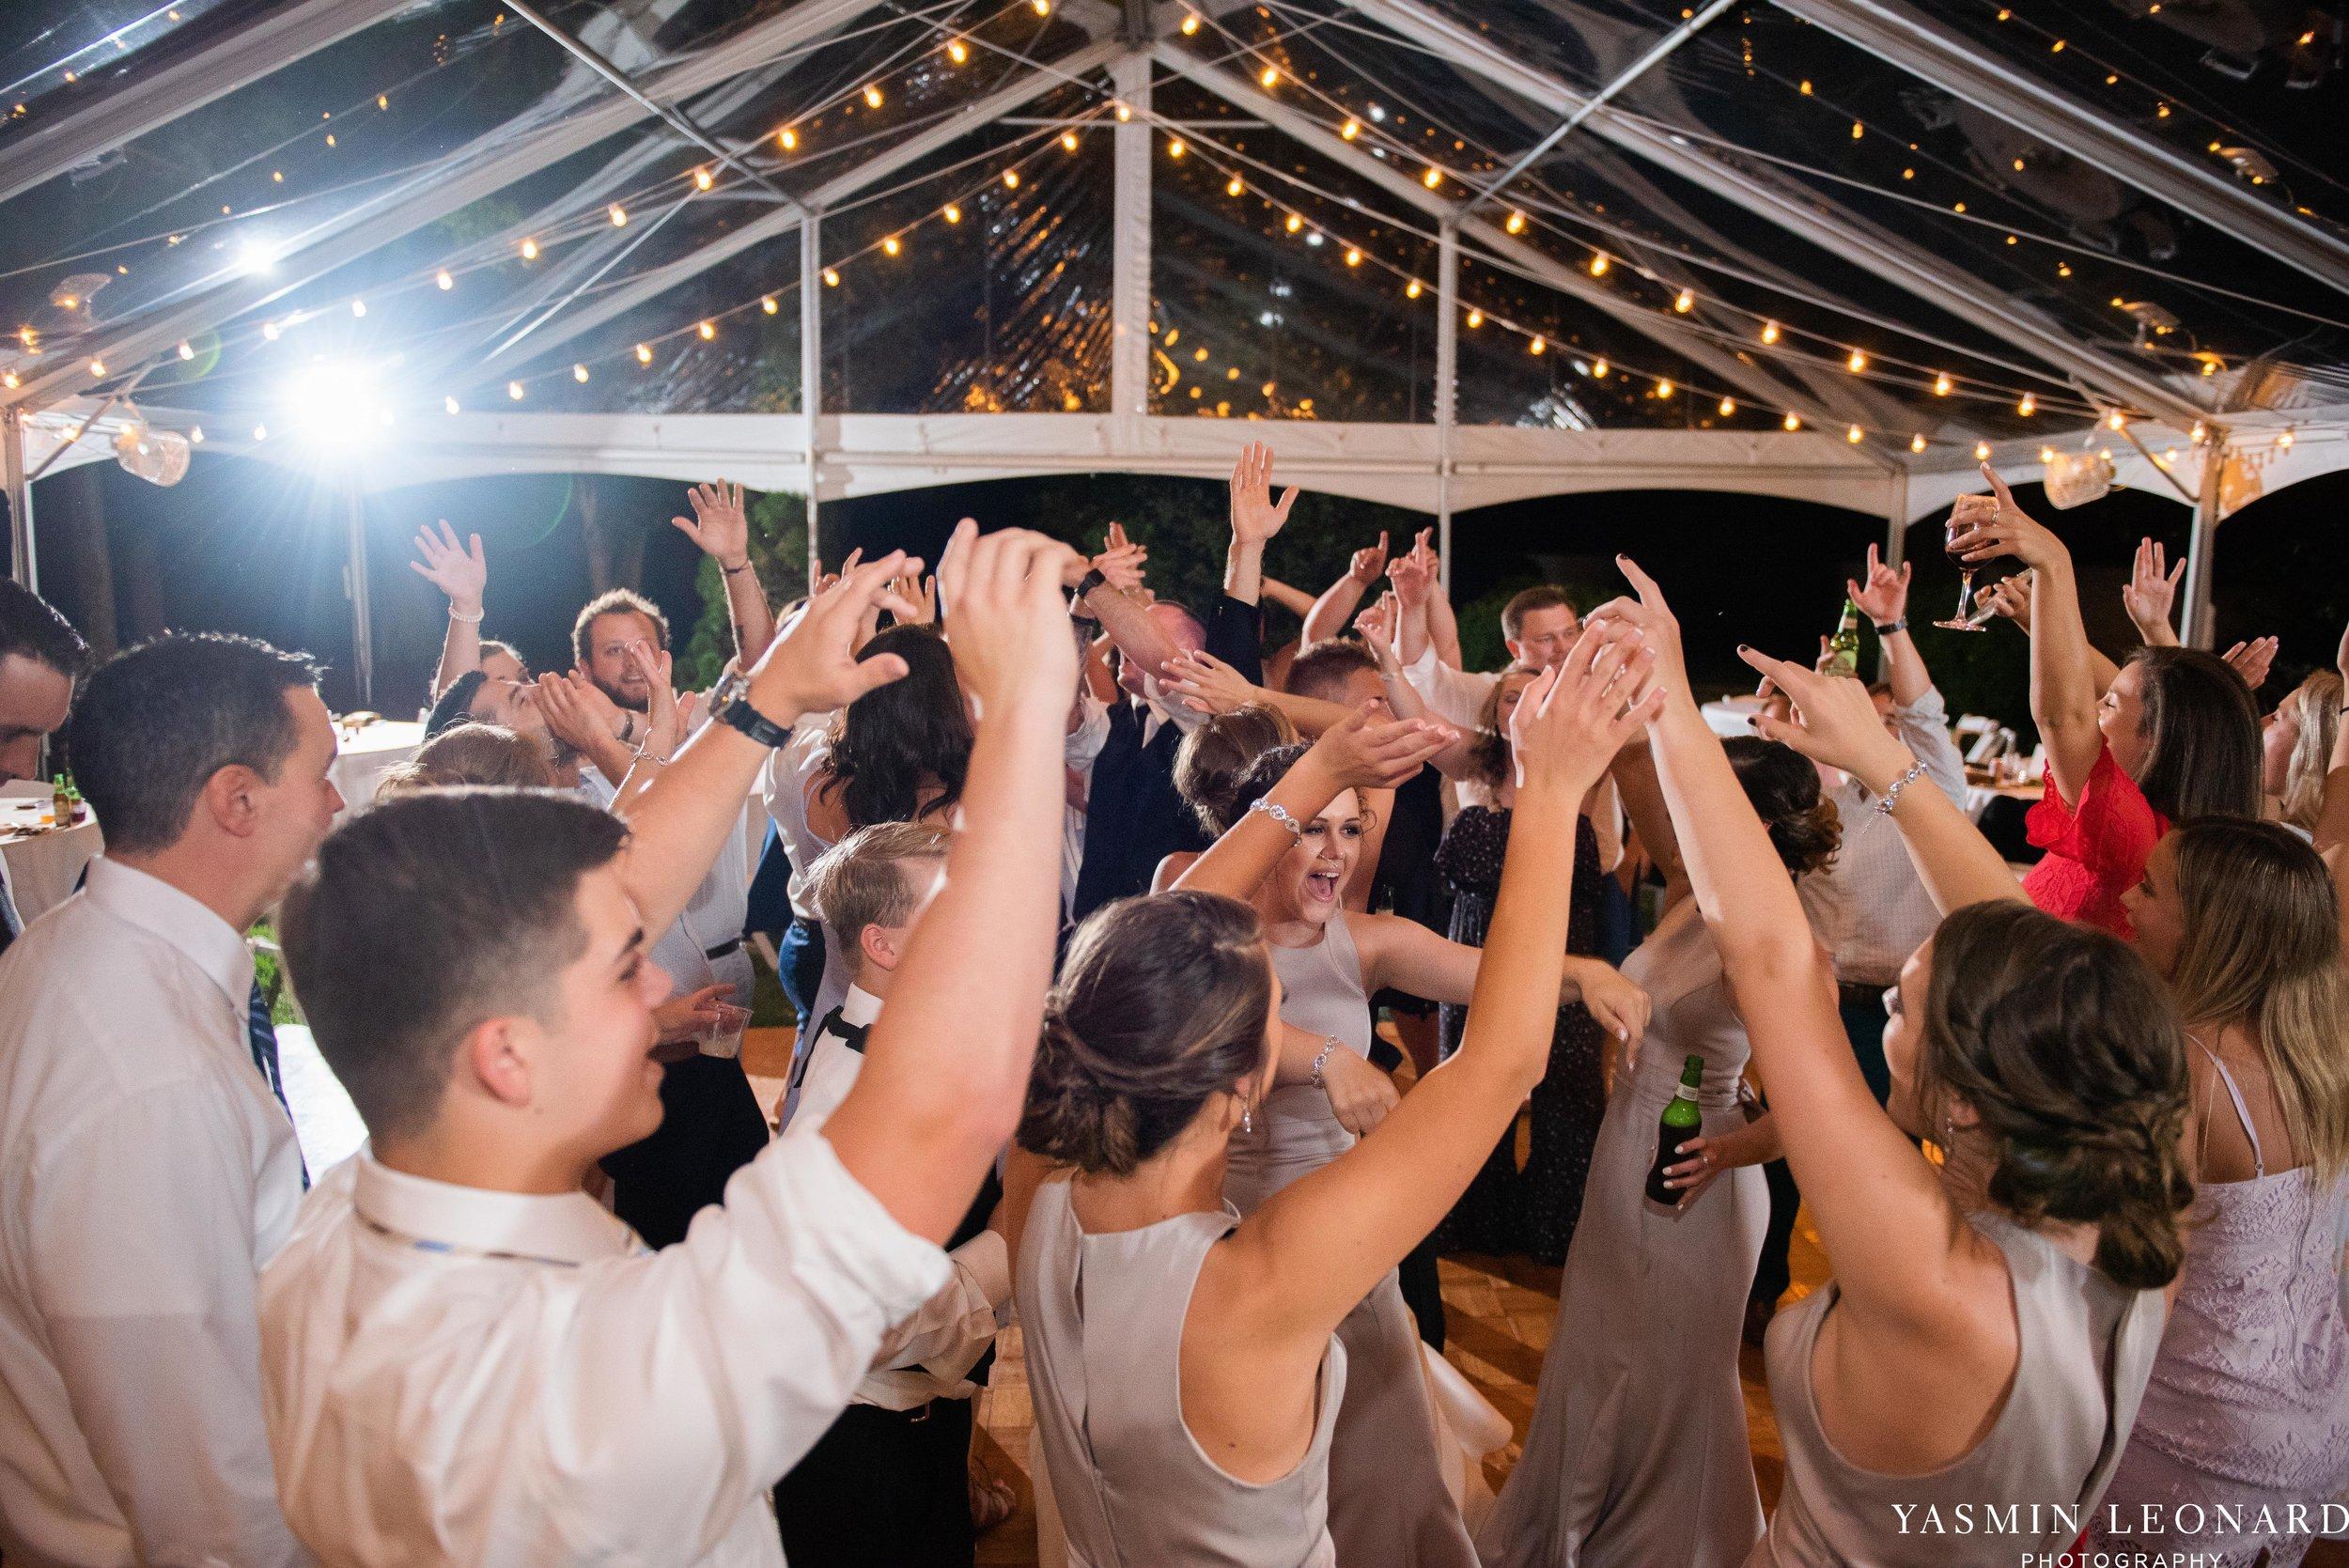 Boxwood Estate - Boxwood Estate Wedding - Luxury Wedding - Black and White Wedding - NC Wedding Venues - NC Weddings - NC Photographer - Lantern Release Grand Exit - Large Wedding Party - Yasmin Leonard Photography-86.jpg